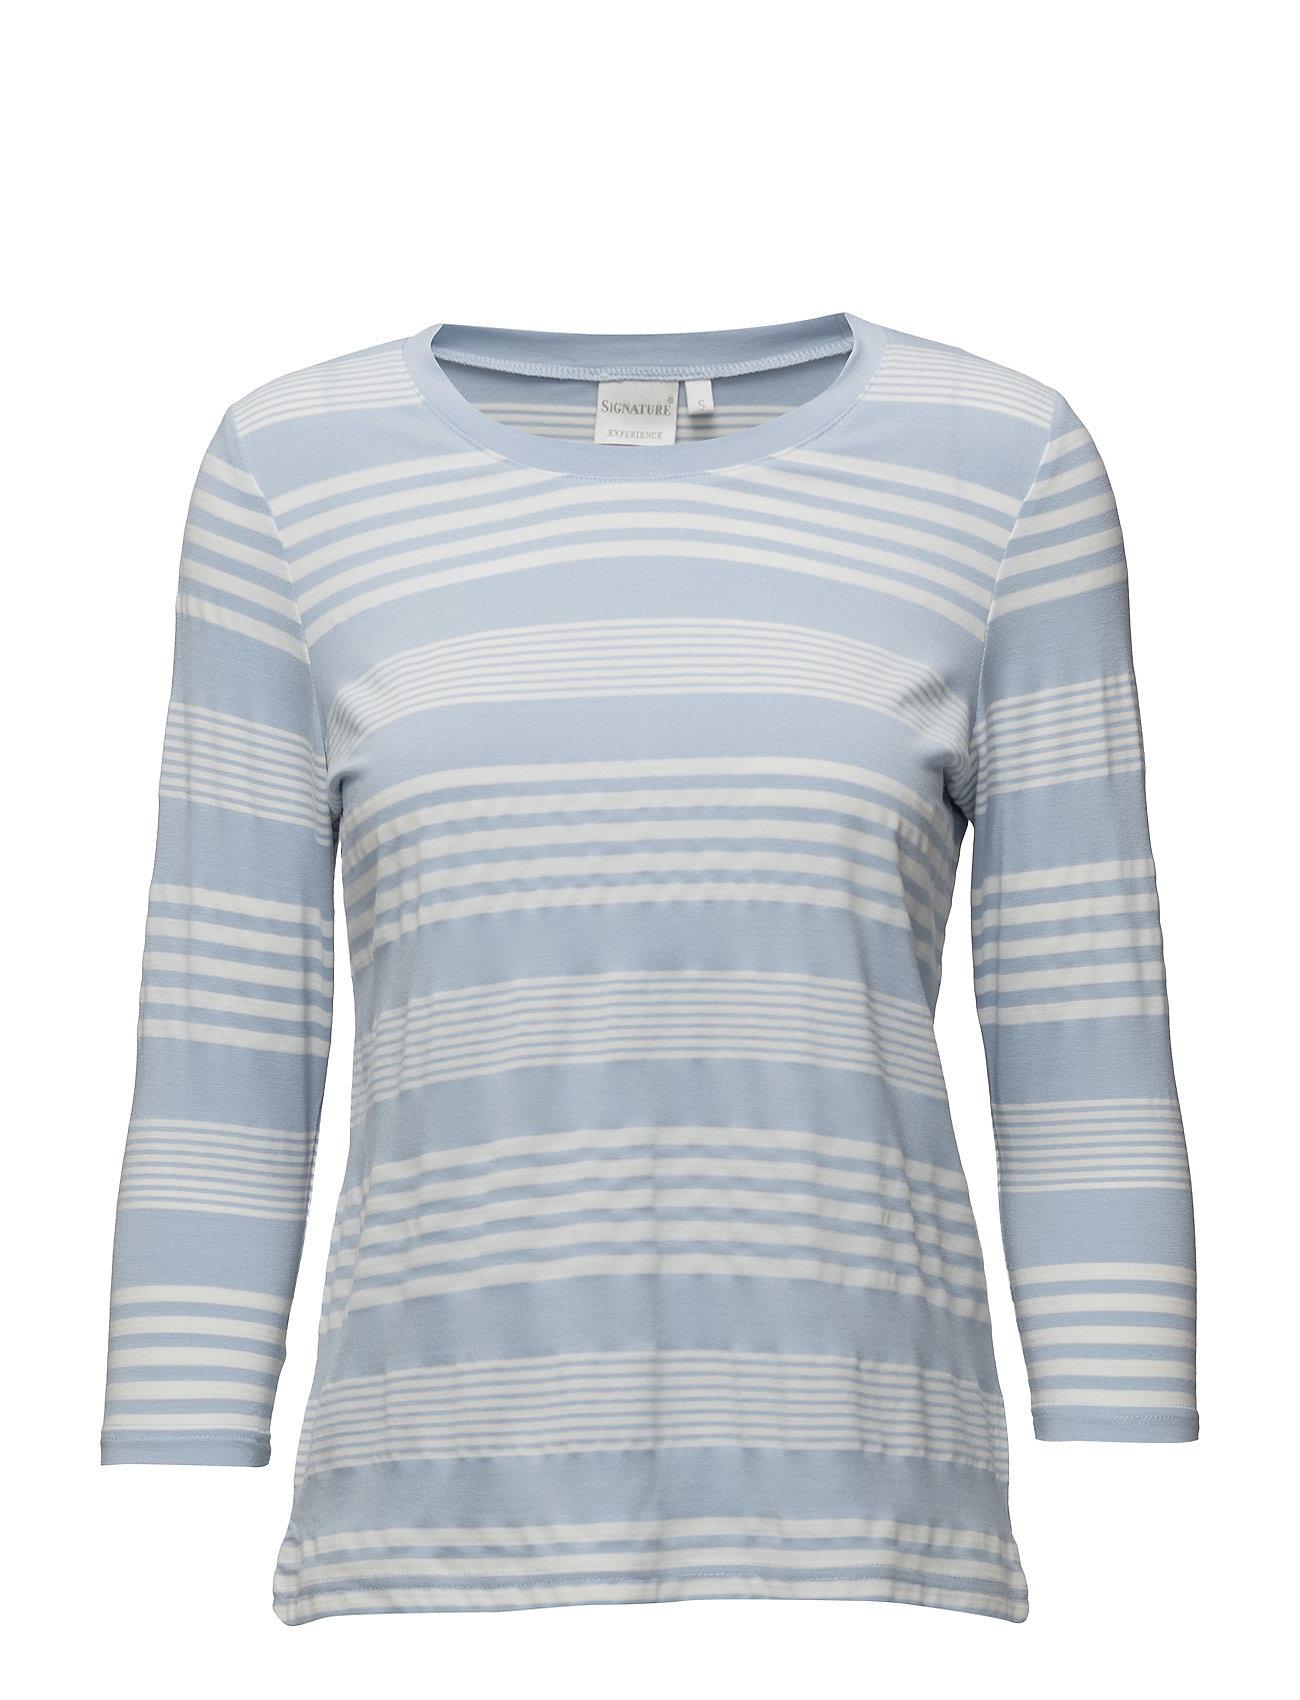 Shirt S/S Woven Signature Langærmede til Damer i Lyseblå